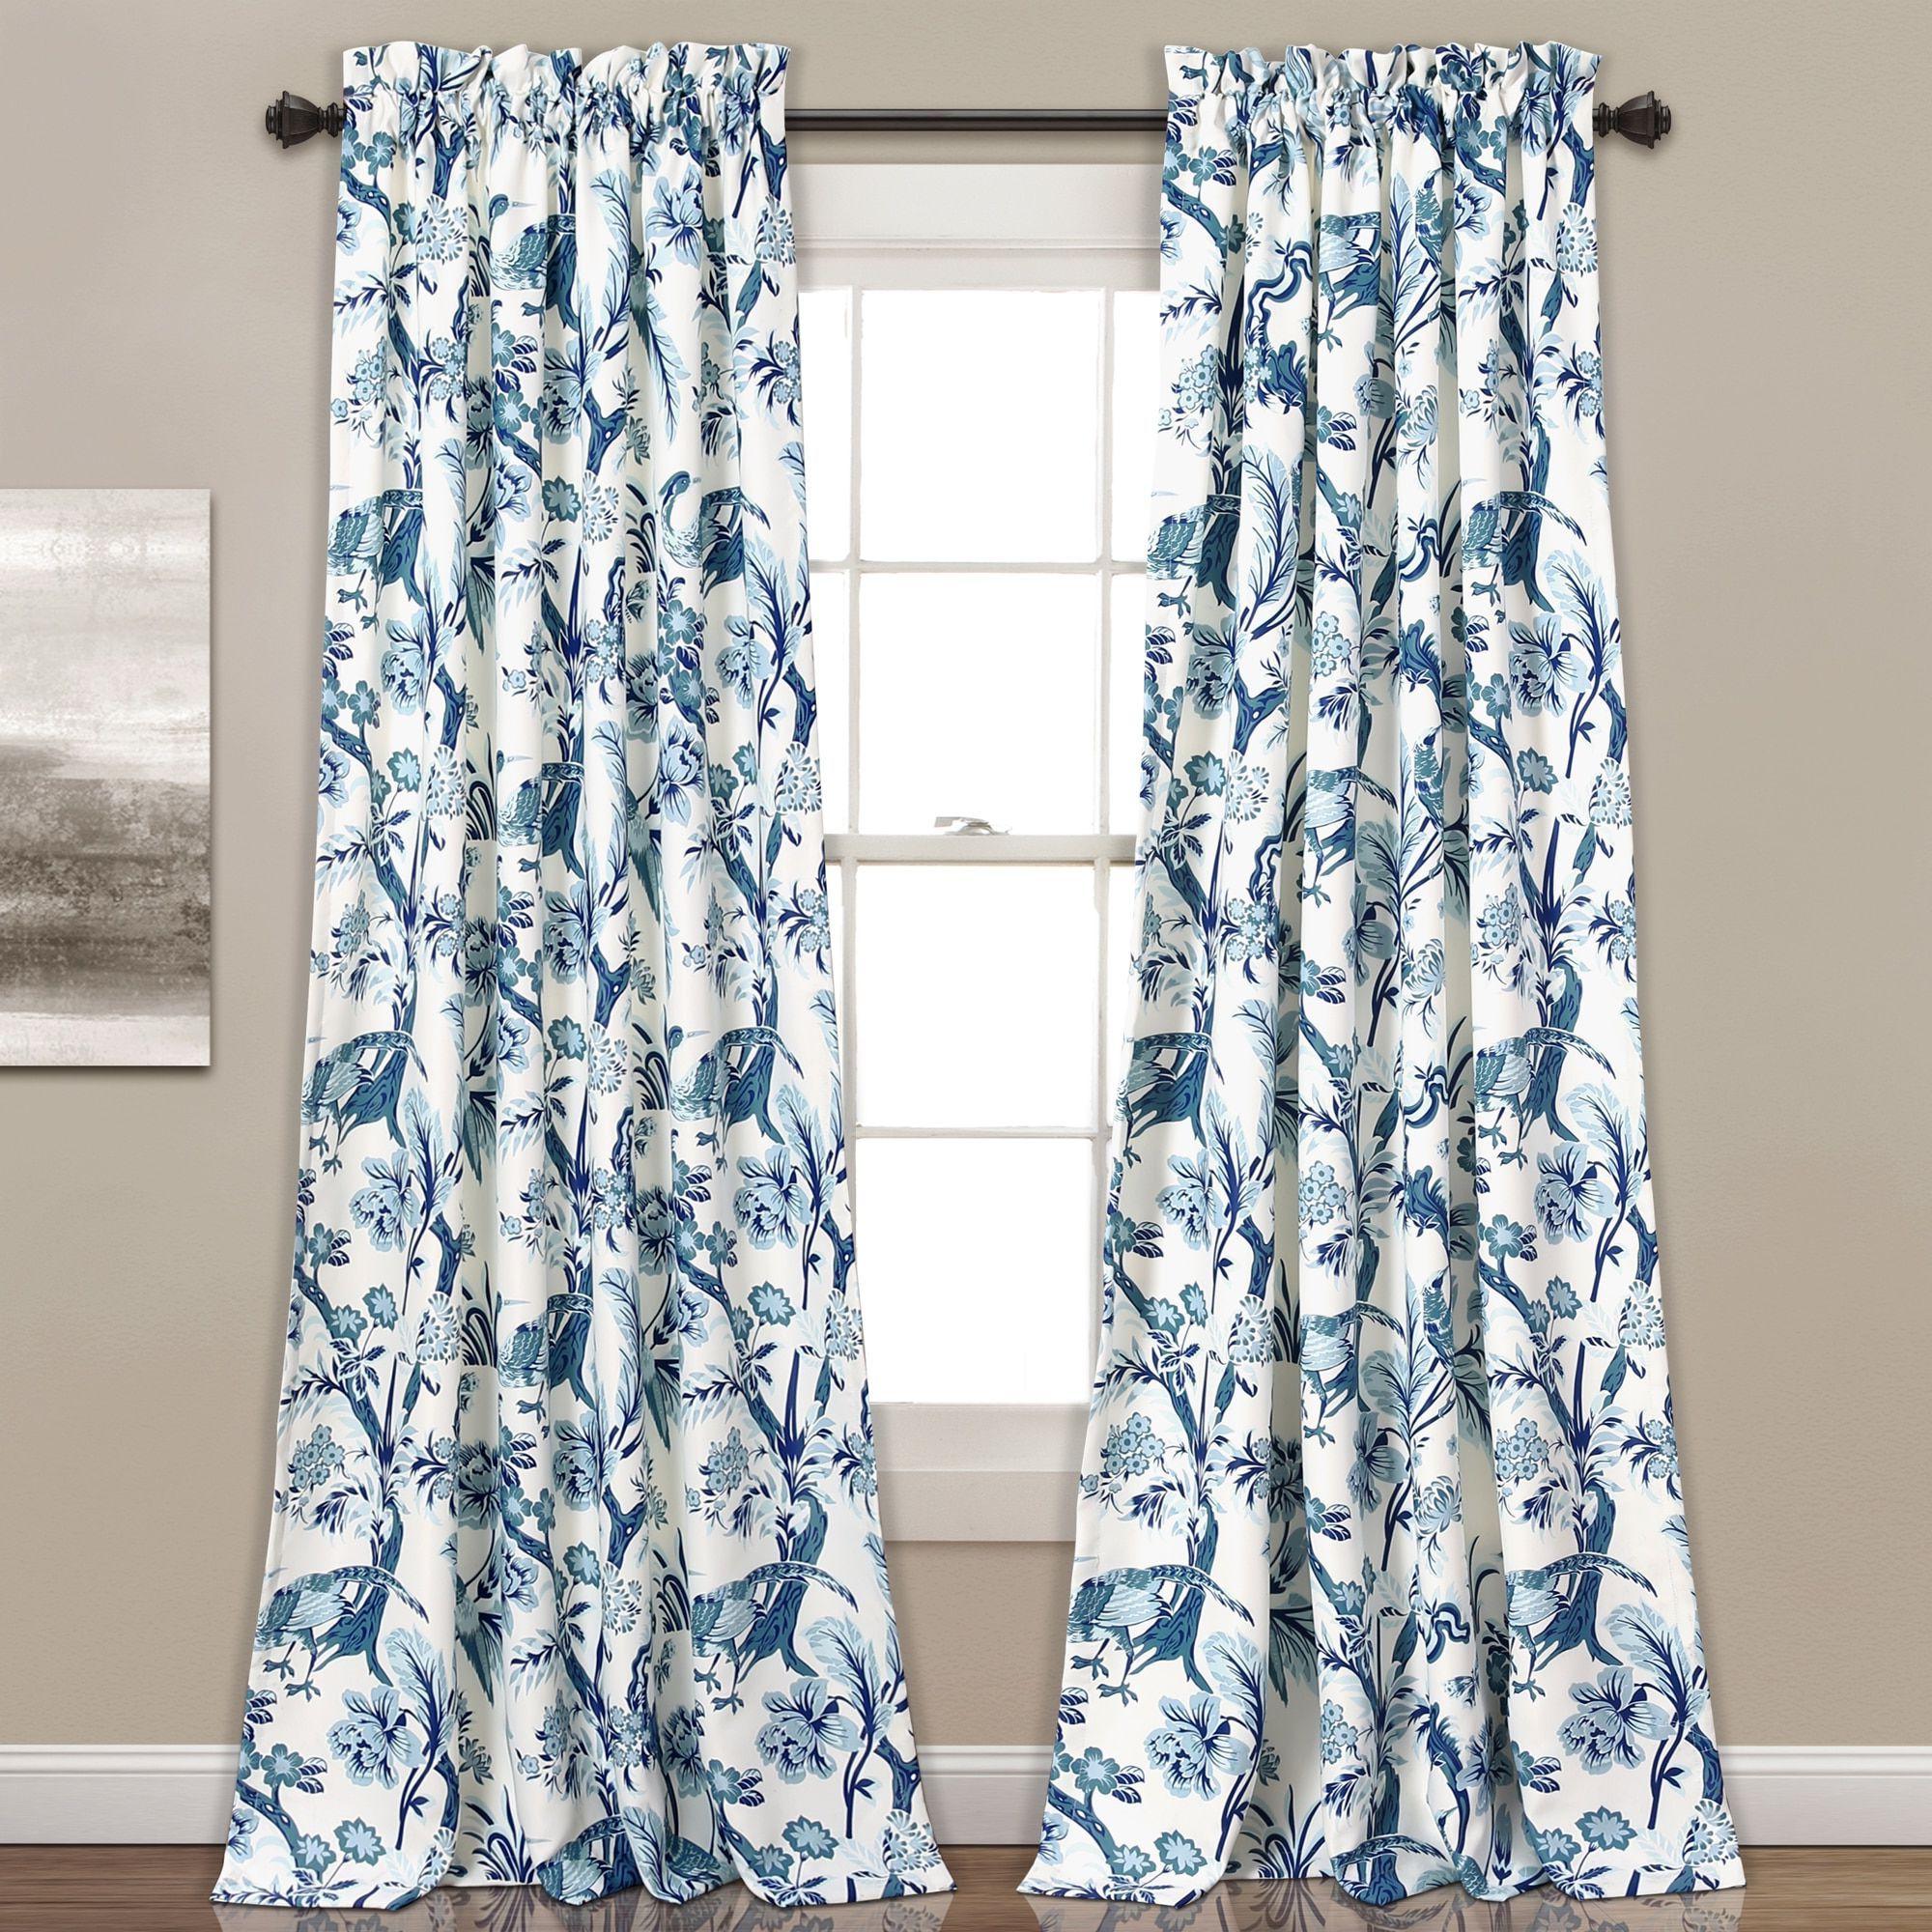 Dolores Room Darkening Floral Curtain Panel Pairs Regarding Latest Lush Decor Dolores Room Darkening Floral Curtain Panel Pair (View 6 of 20)